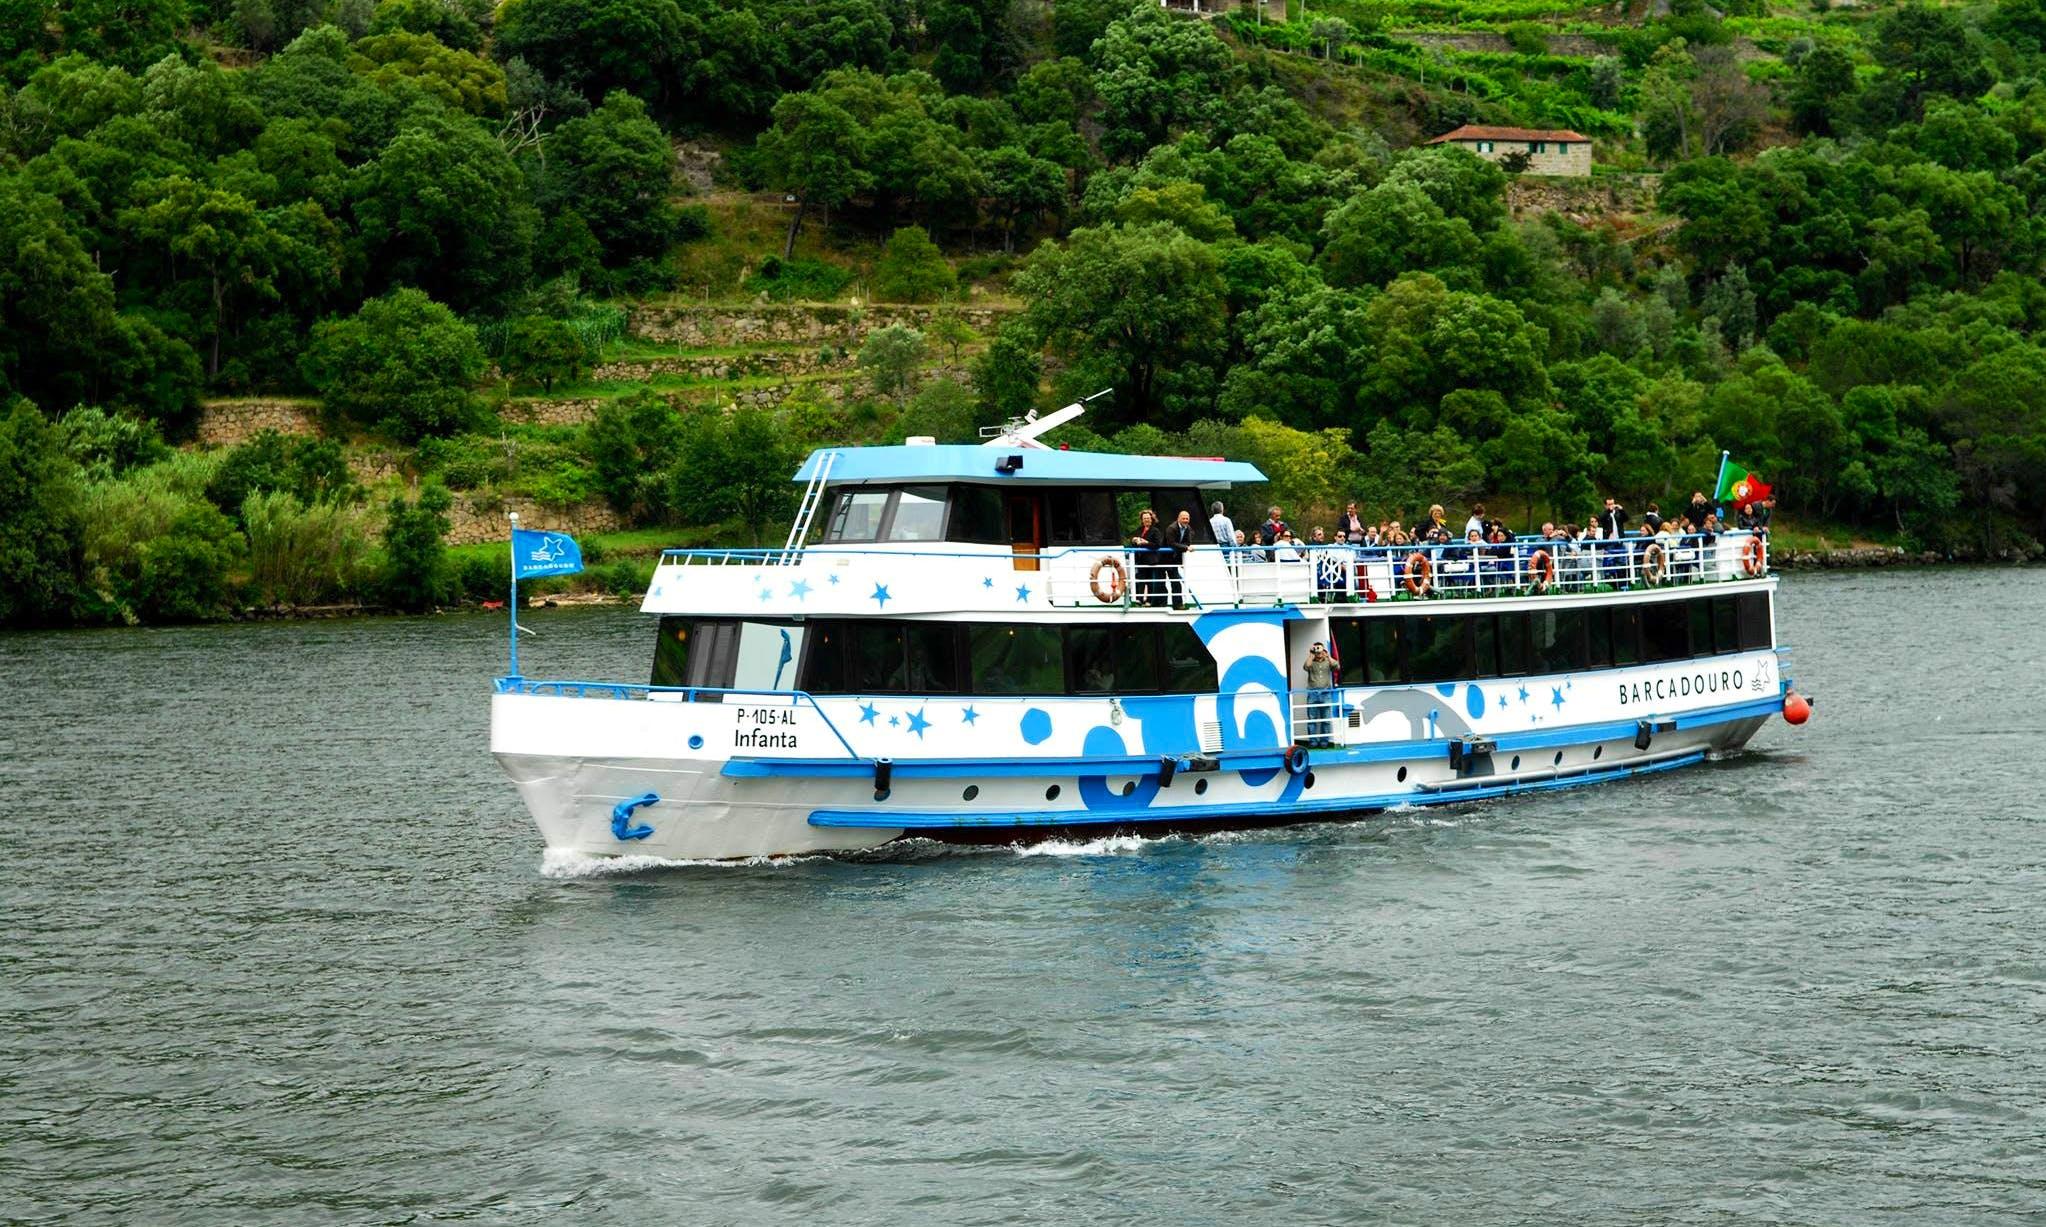 'Infanta' Boat Cruise Trips in Vila Nova de Gaia